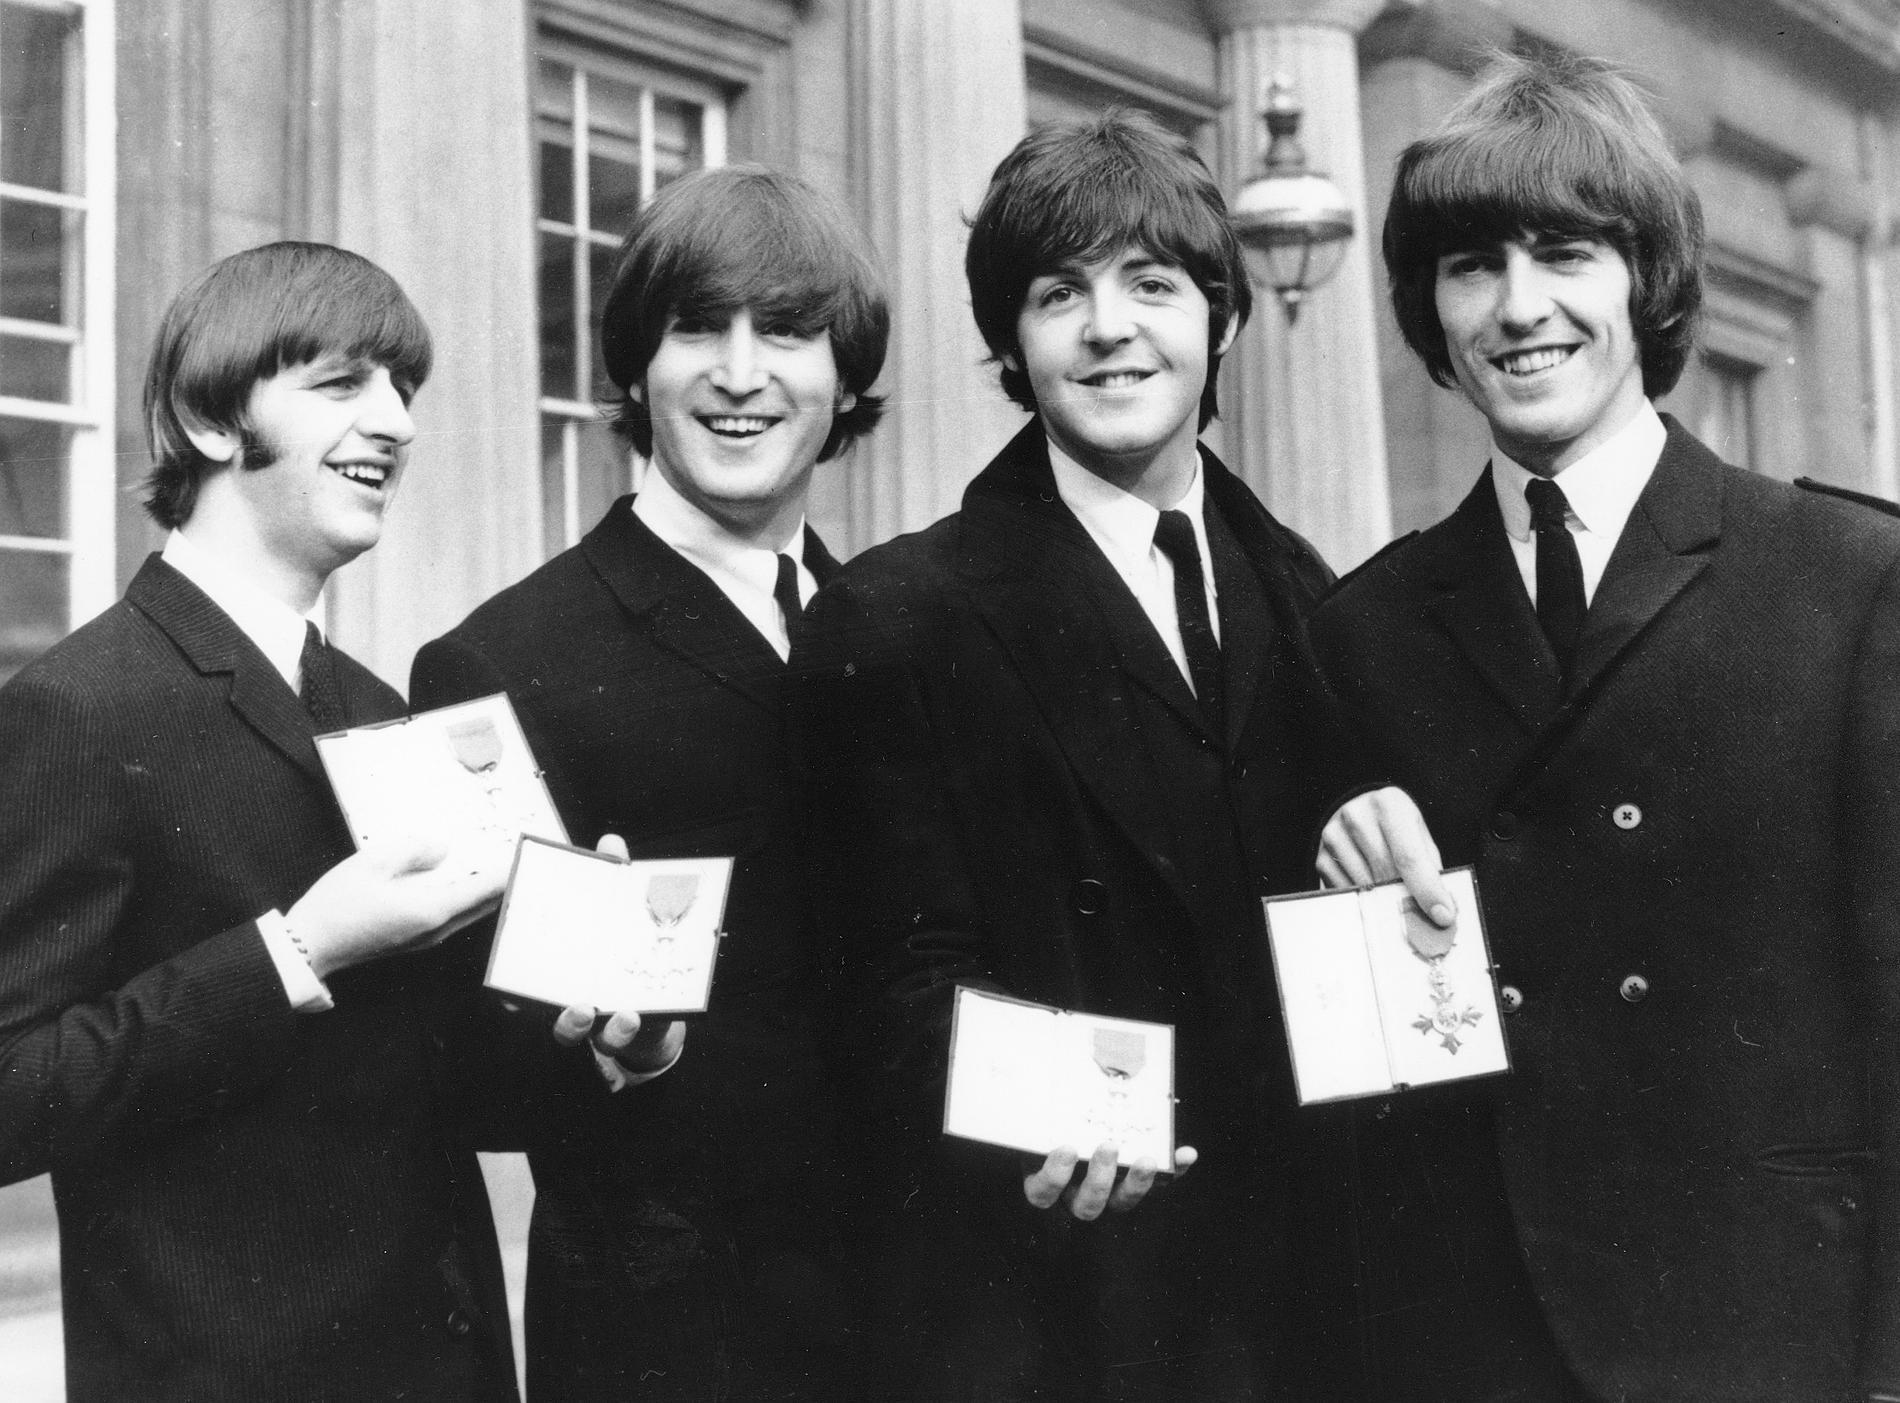 The Beatles 1965 (fr. v. Ringo Starr, John Lennon, Paul McCartney och George Harrison).